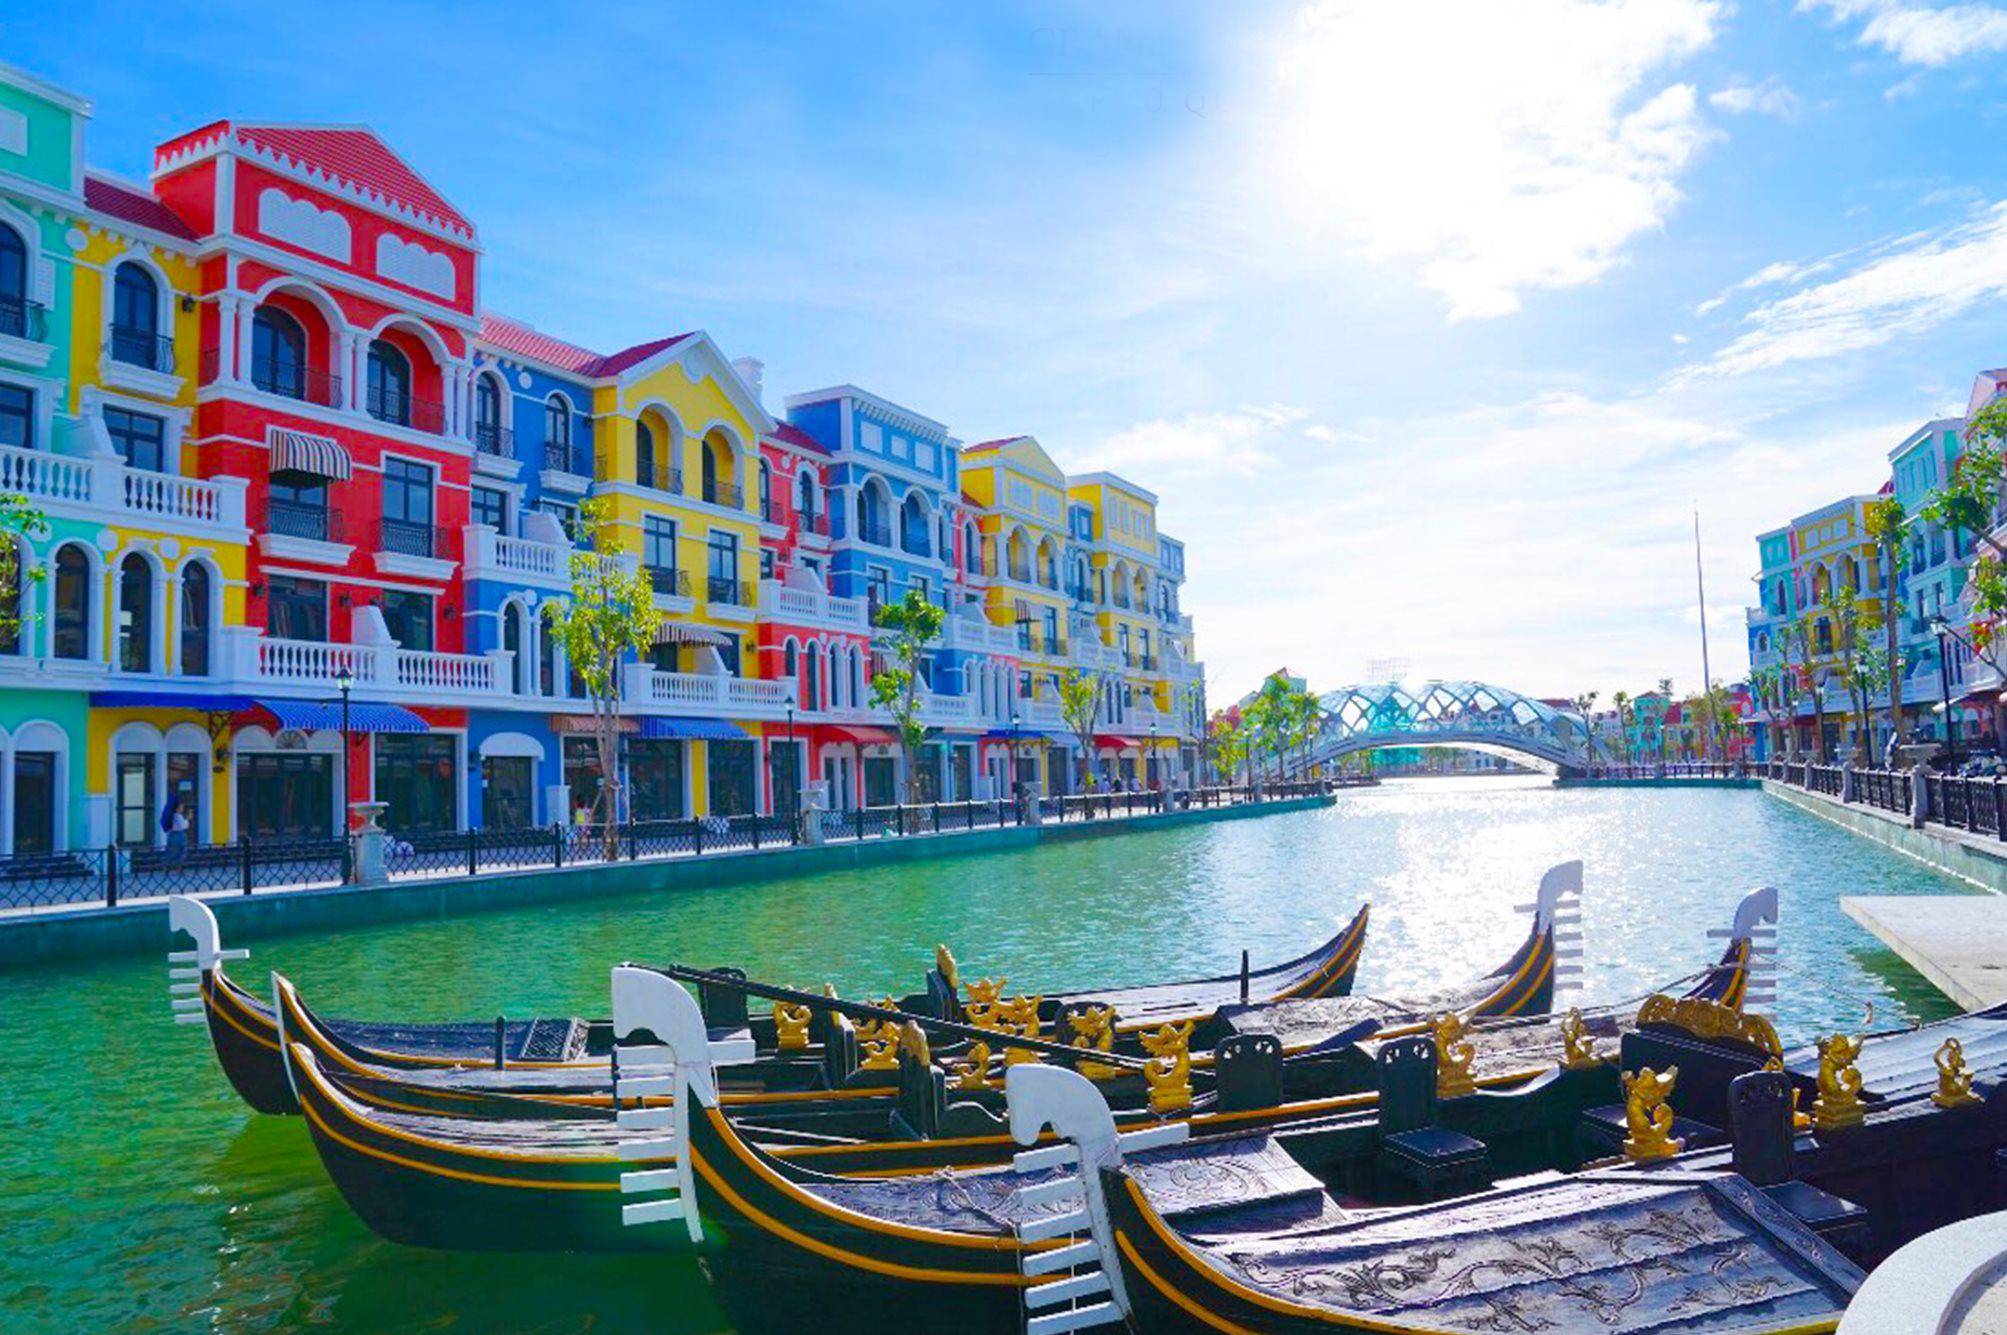 Khám phá khu nghỉ dưỡng Grand World Phú Quốc - ảnh 2